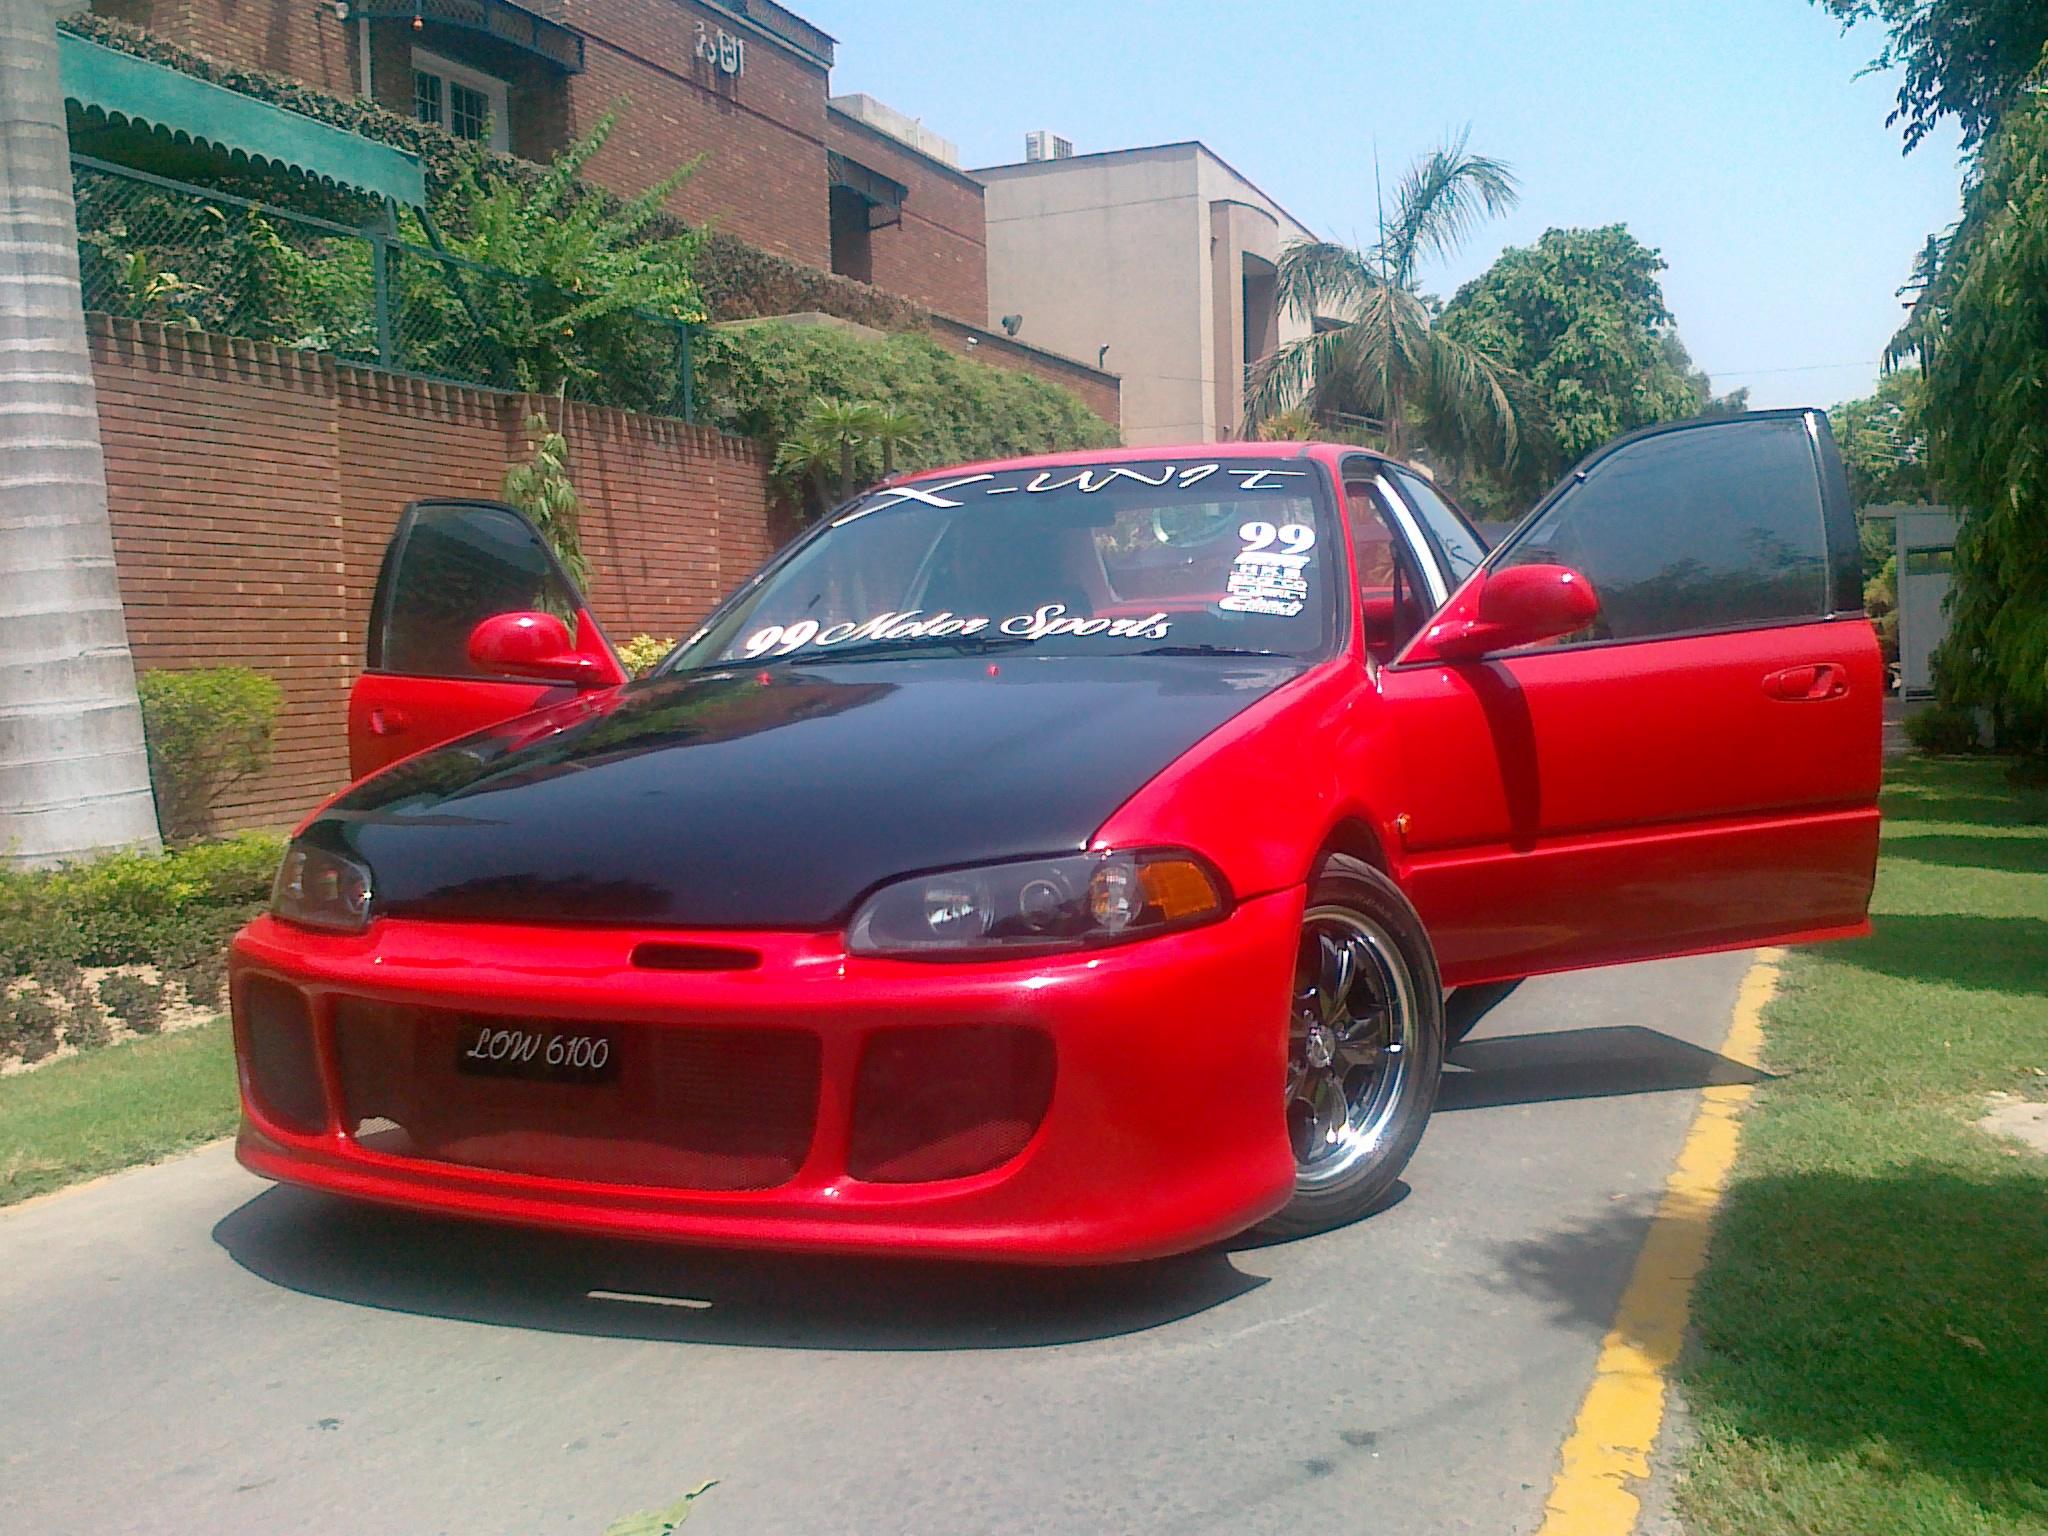 2011 Honda Civic For Sale >> Honda Civic 1995 of crazi99 - Member Ride 15080   PakWheels